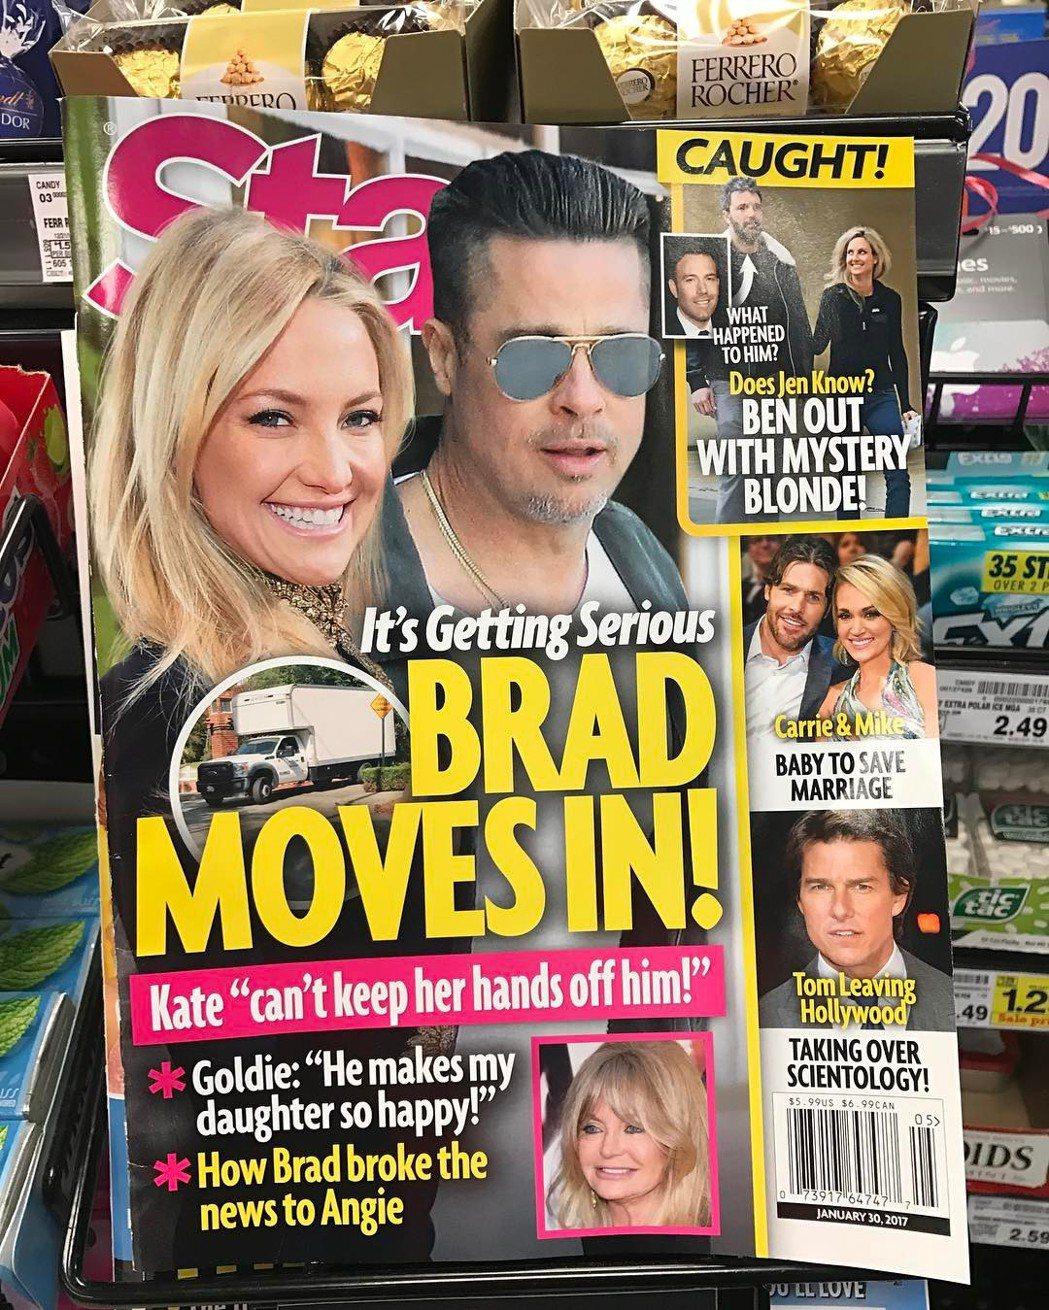 凱特哈德森與布萊德彼特的雜誌封面被她哥哥拿來開玩笑。圖/摘自Instagram